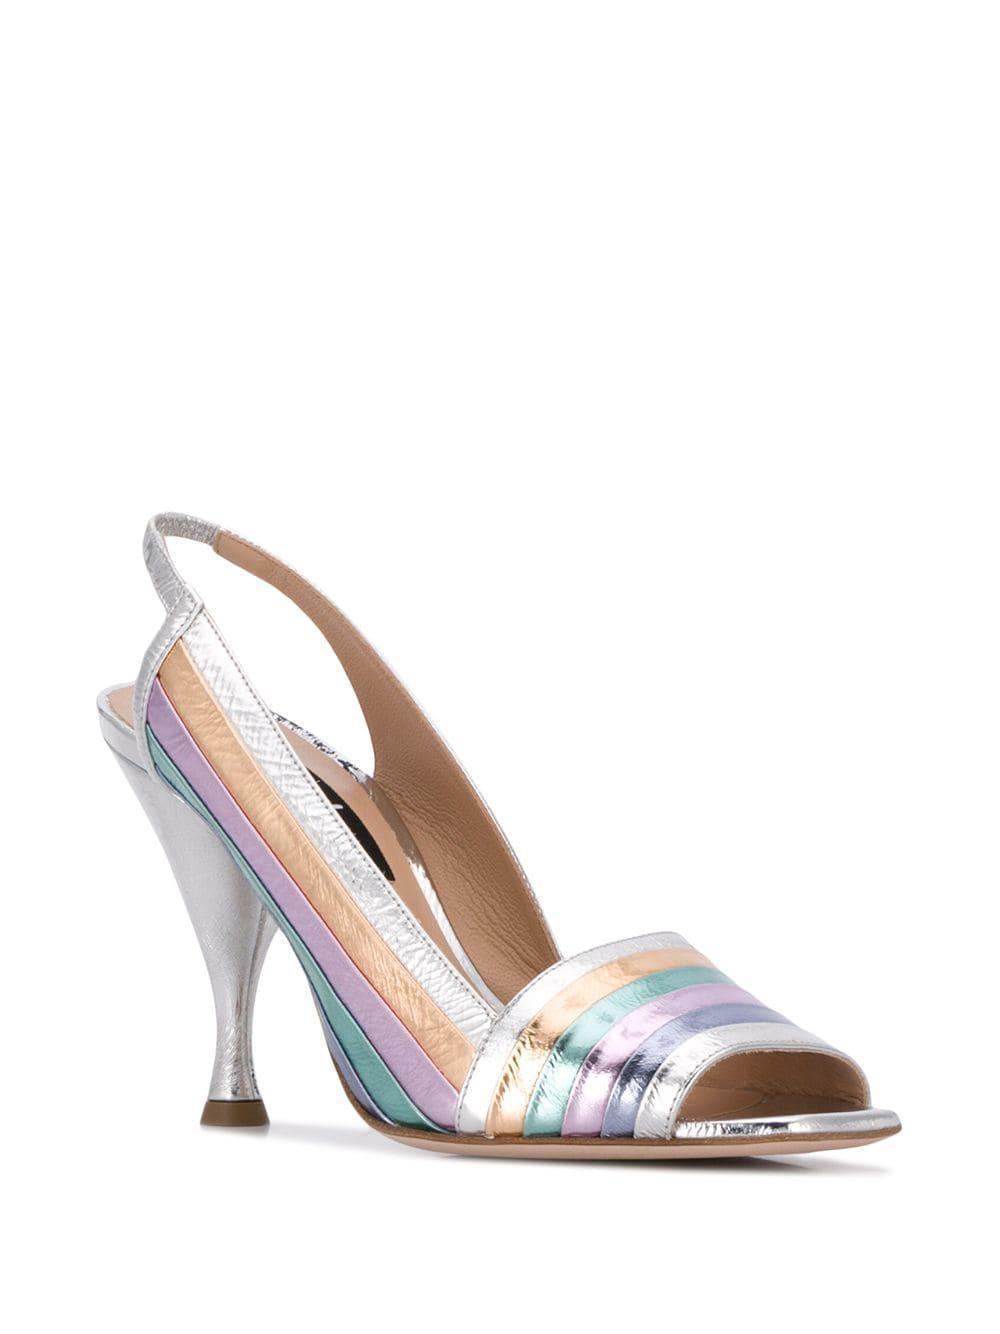 5f442b683 Sebastian - Metallic Stripe Sandals - Lyst. View fullscreen